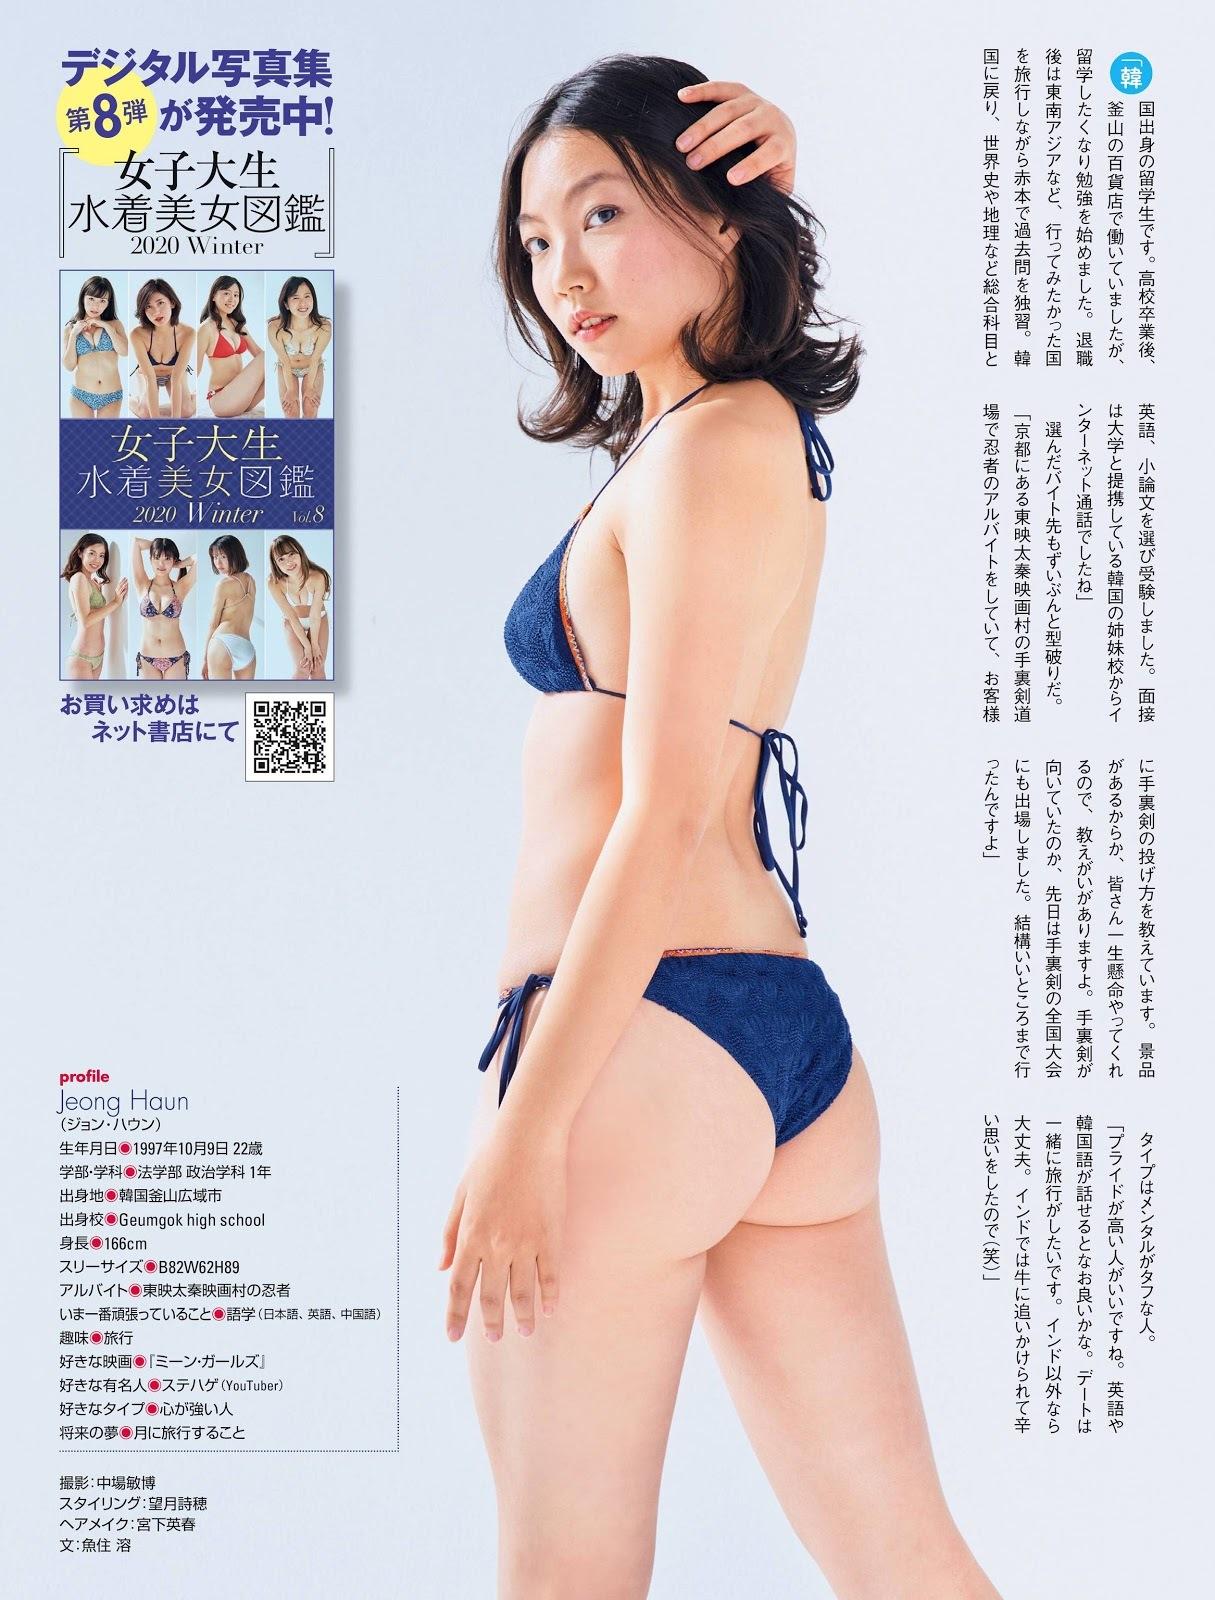 女子大生水着美女図鑑20